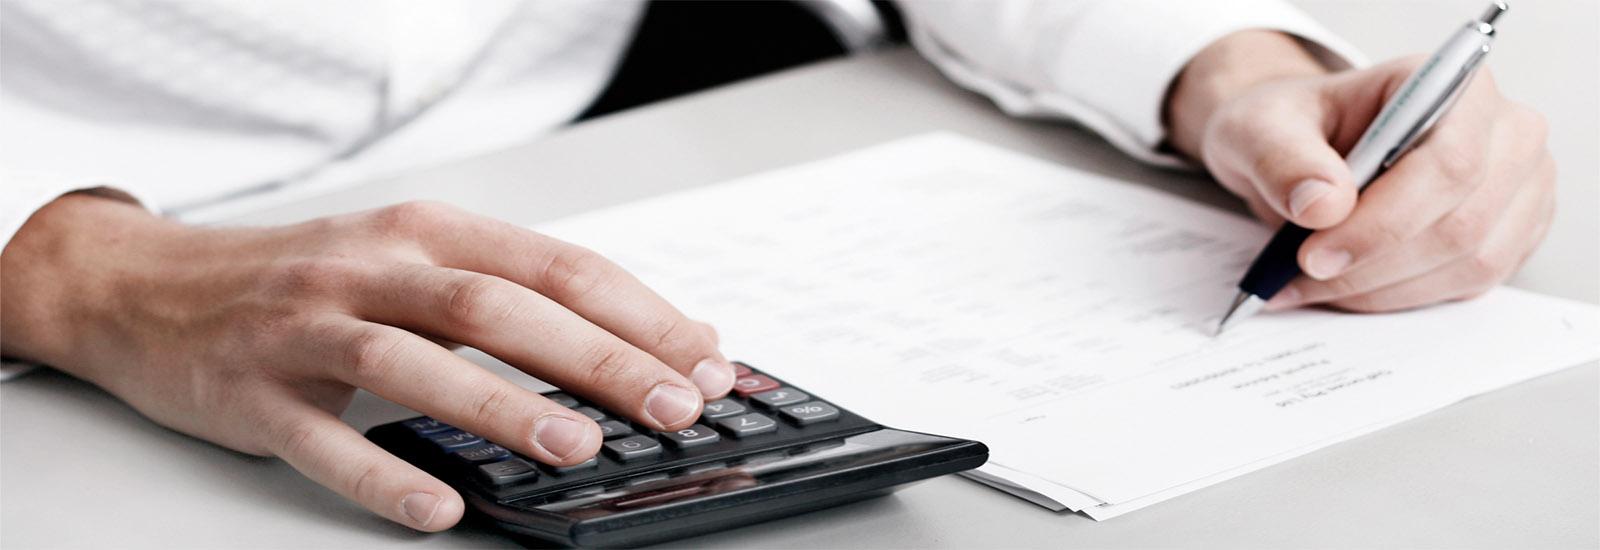 Υπολογισμός Κόστους Εγκατάστασης Αλεξικέραυνου